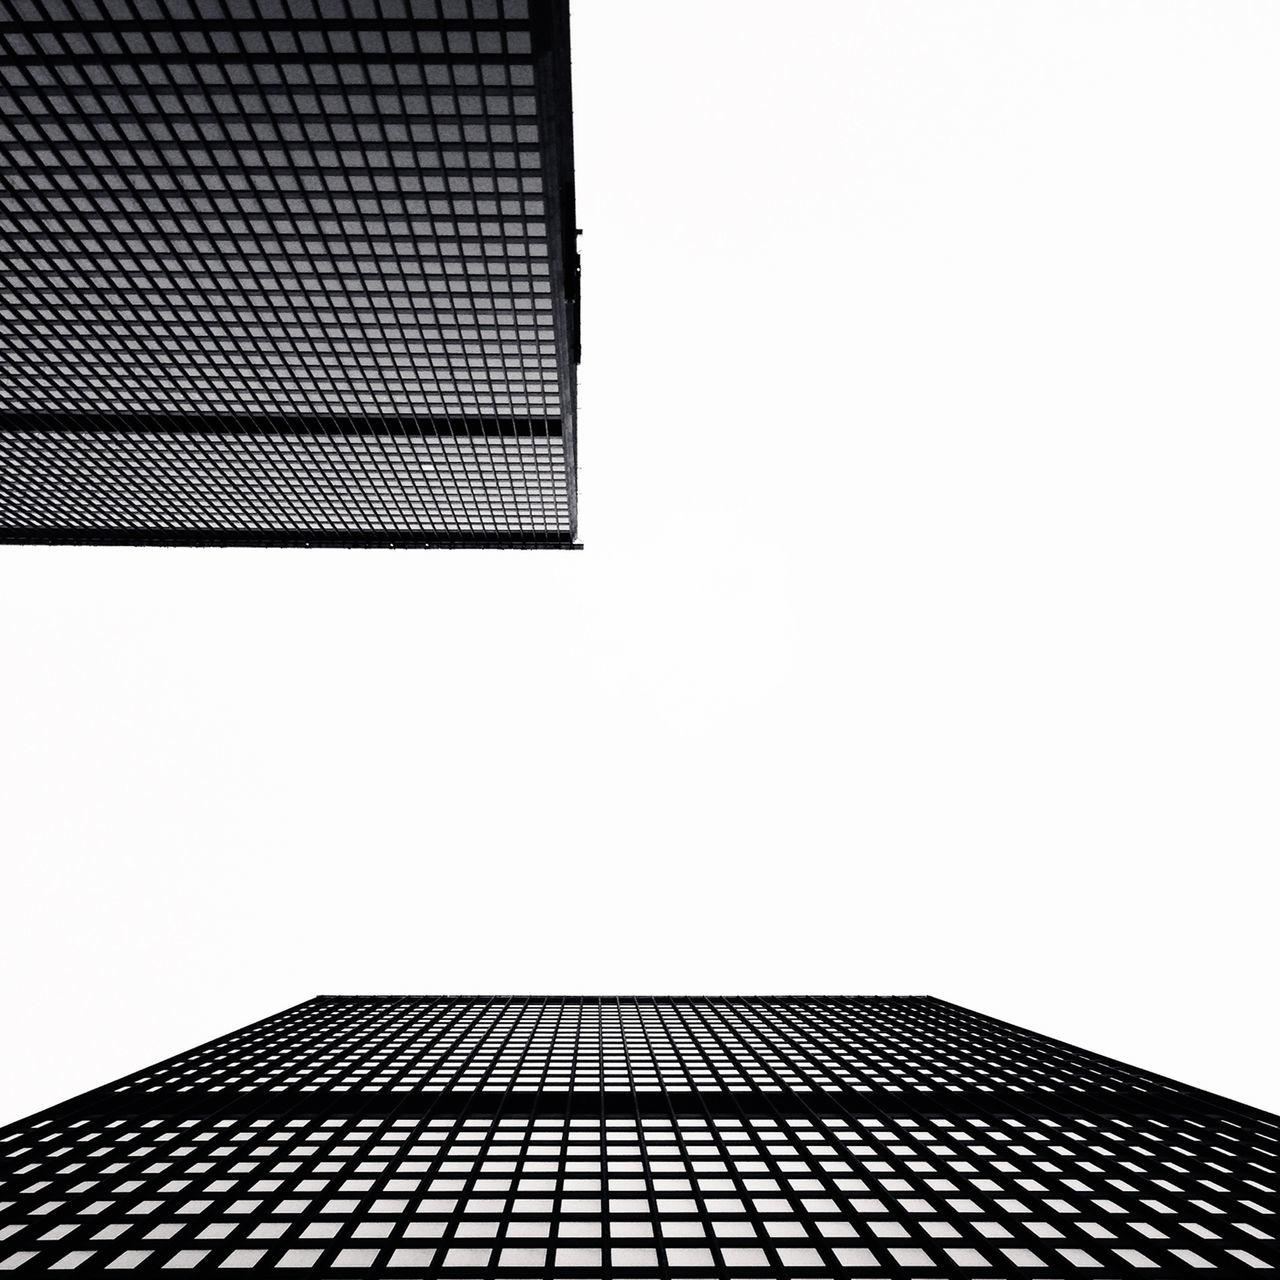 Directly Below View Of Modern Buildings Against Sky